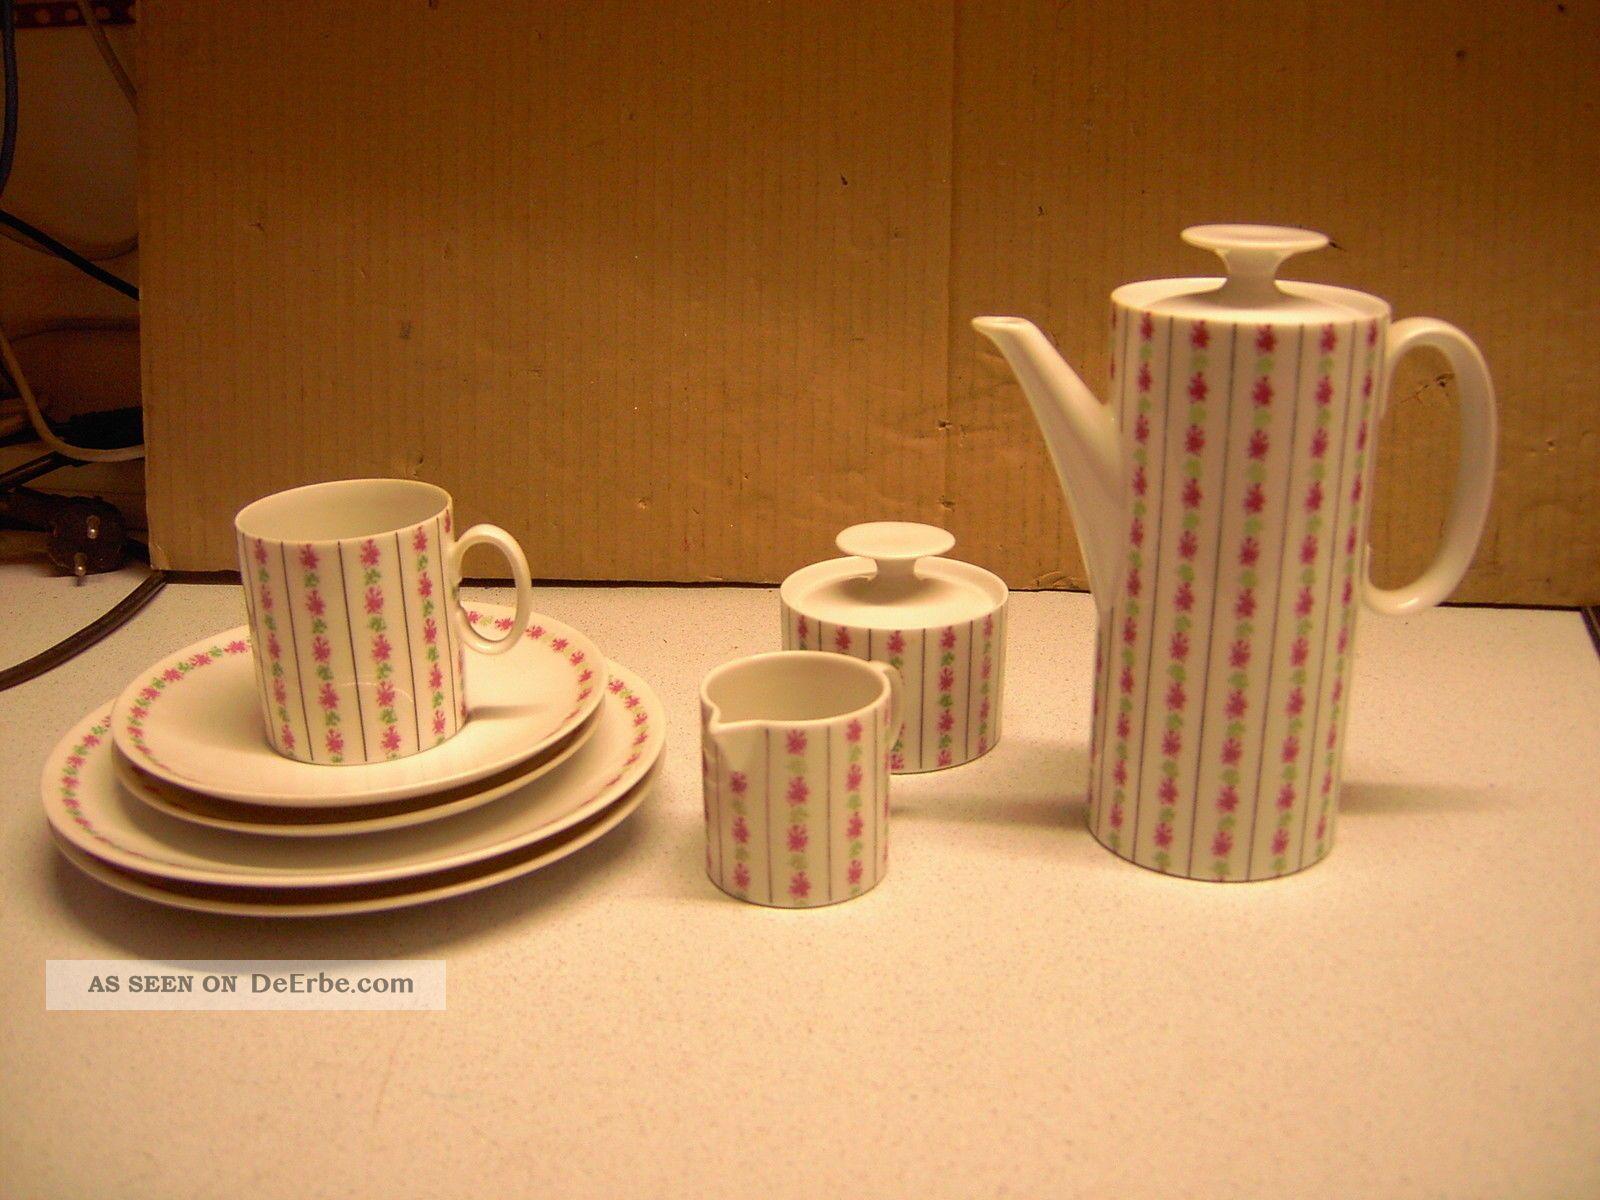 serviceteile thomas germany kaffeekanne milchkanne zuckerdose tasse teller alt. Black Bedroom Furniture Sets. Home Design Ideas